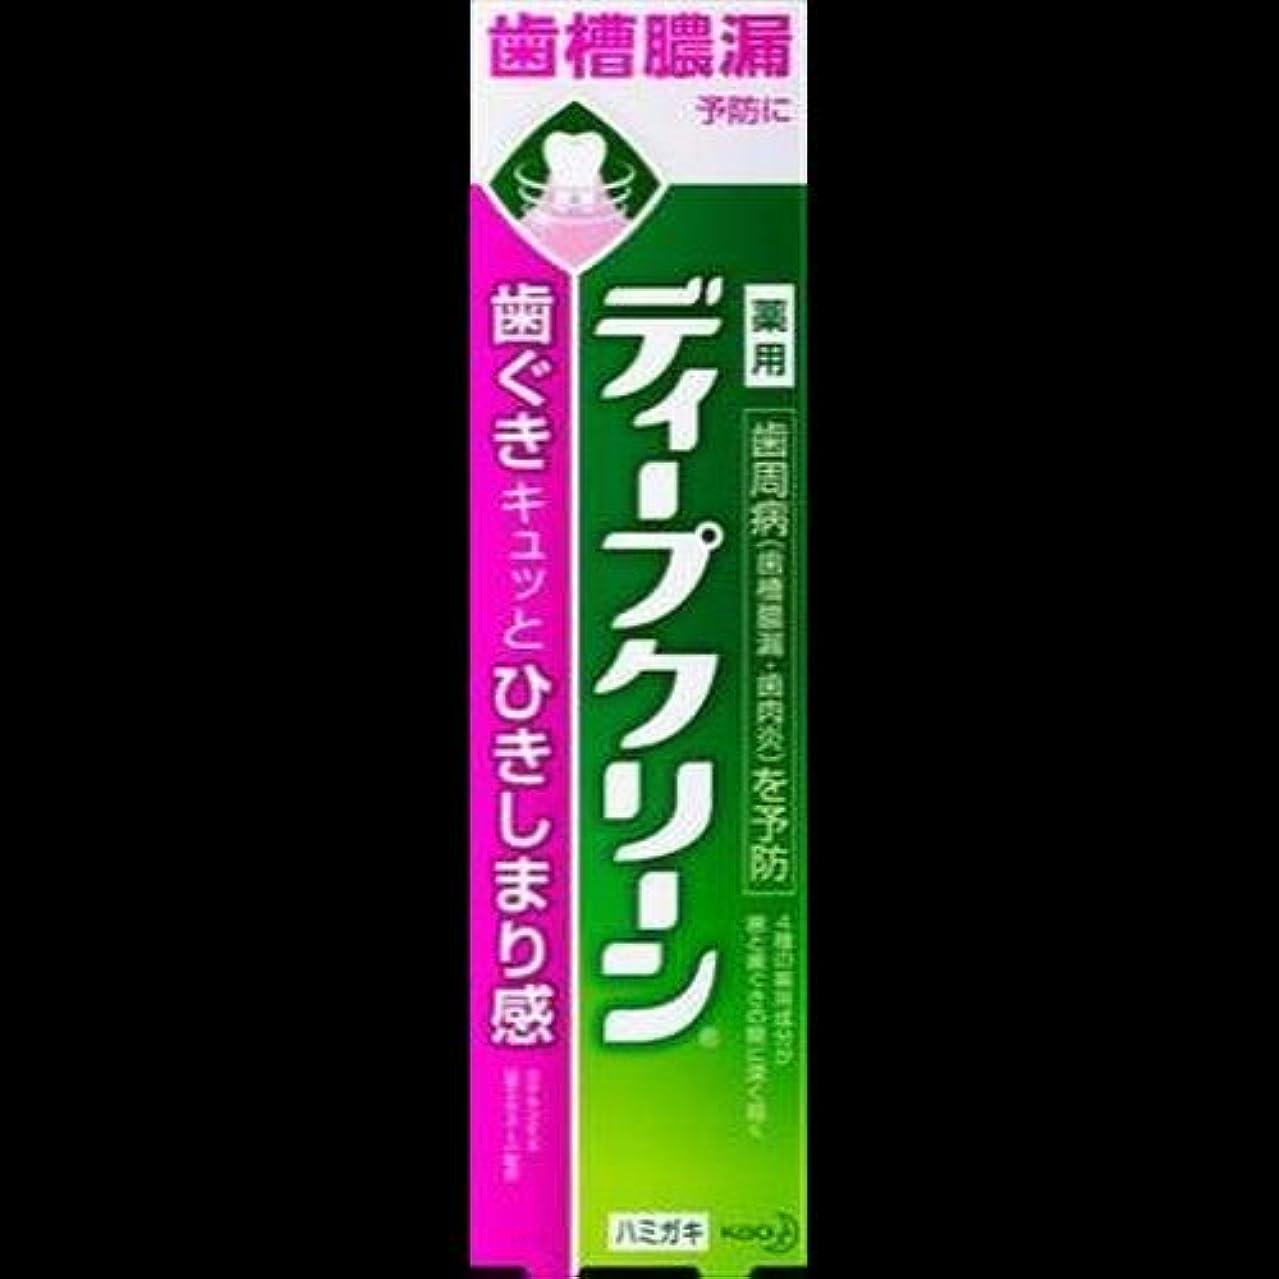 嵐の責ストリーム【まとめ買い】ディープクリーン 薬用ハミガキ 100g ×2セット